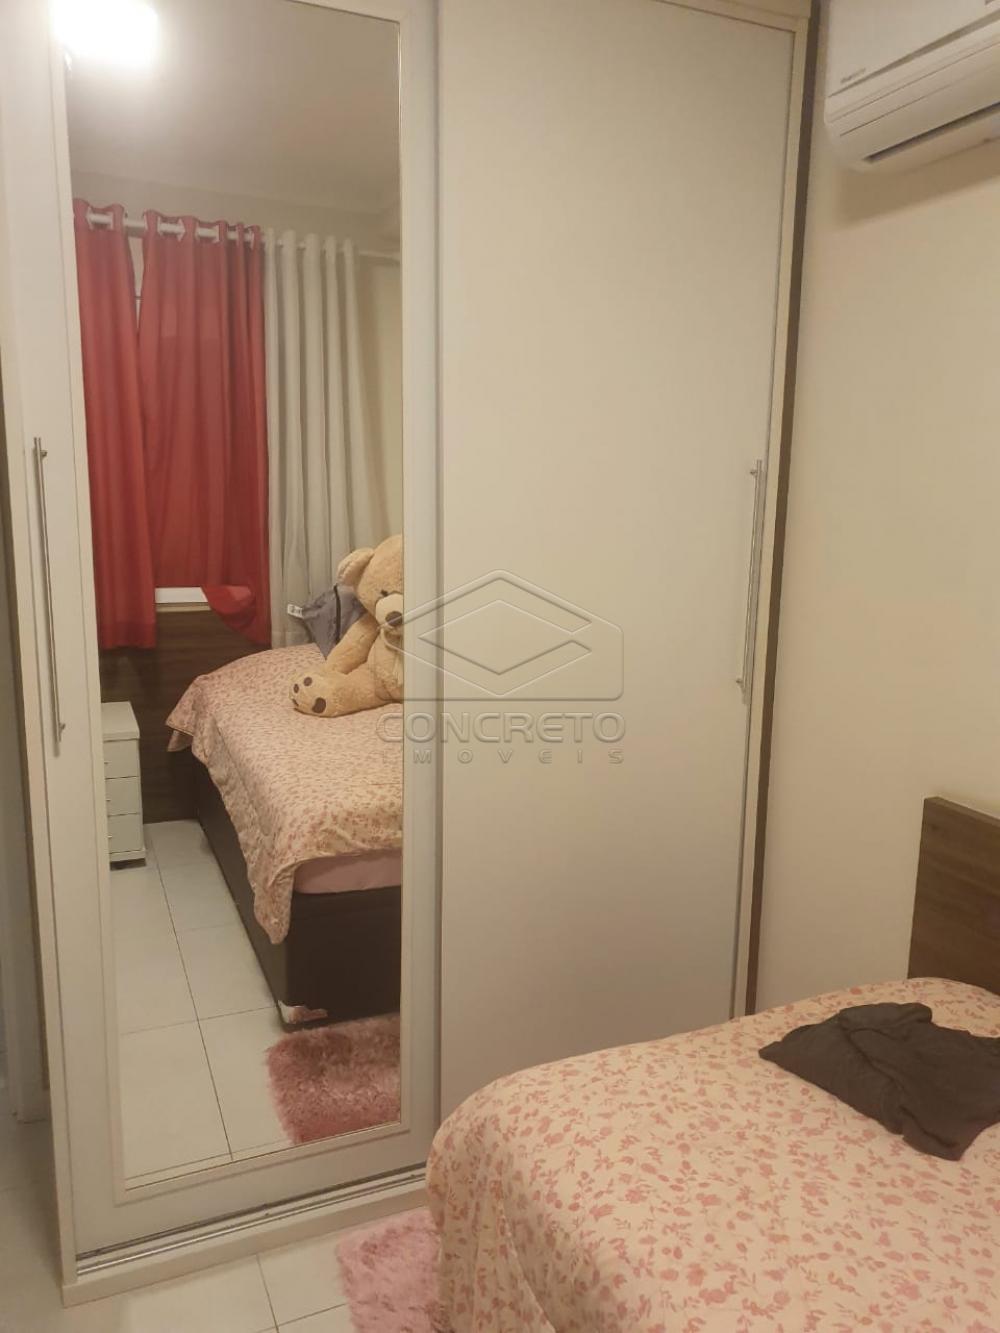 Comprar Apartamento / Padrão em Bauru R$ 630.000,00 - Foto 10